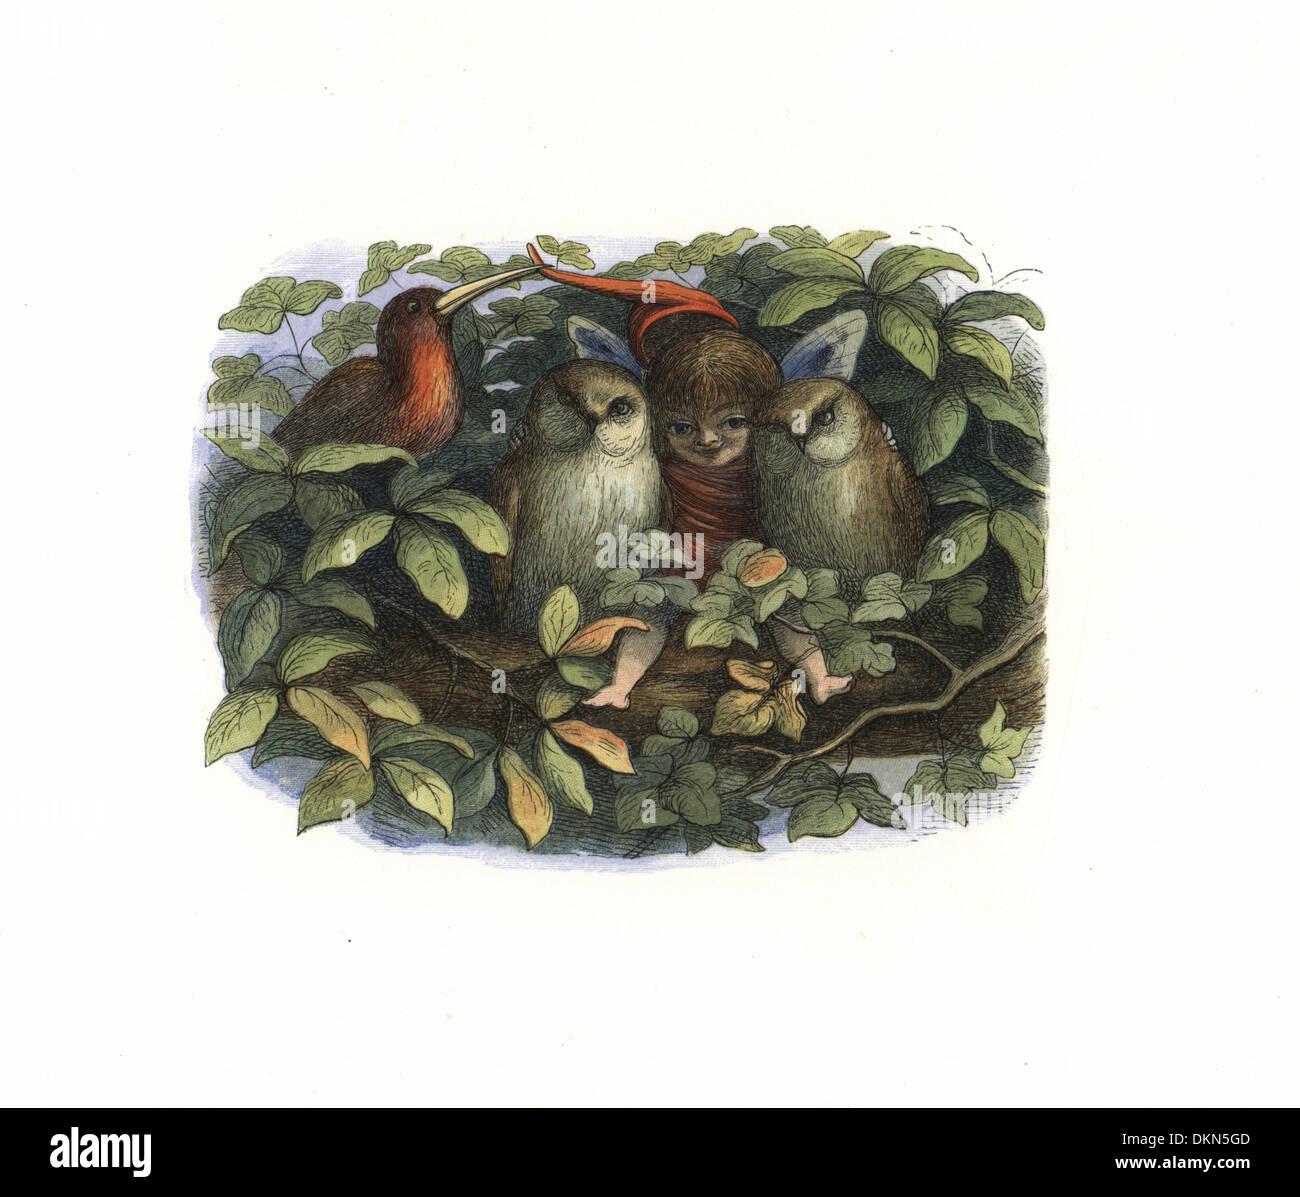 Elf e gufi su un albero di fronda. Immagini Stock